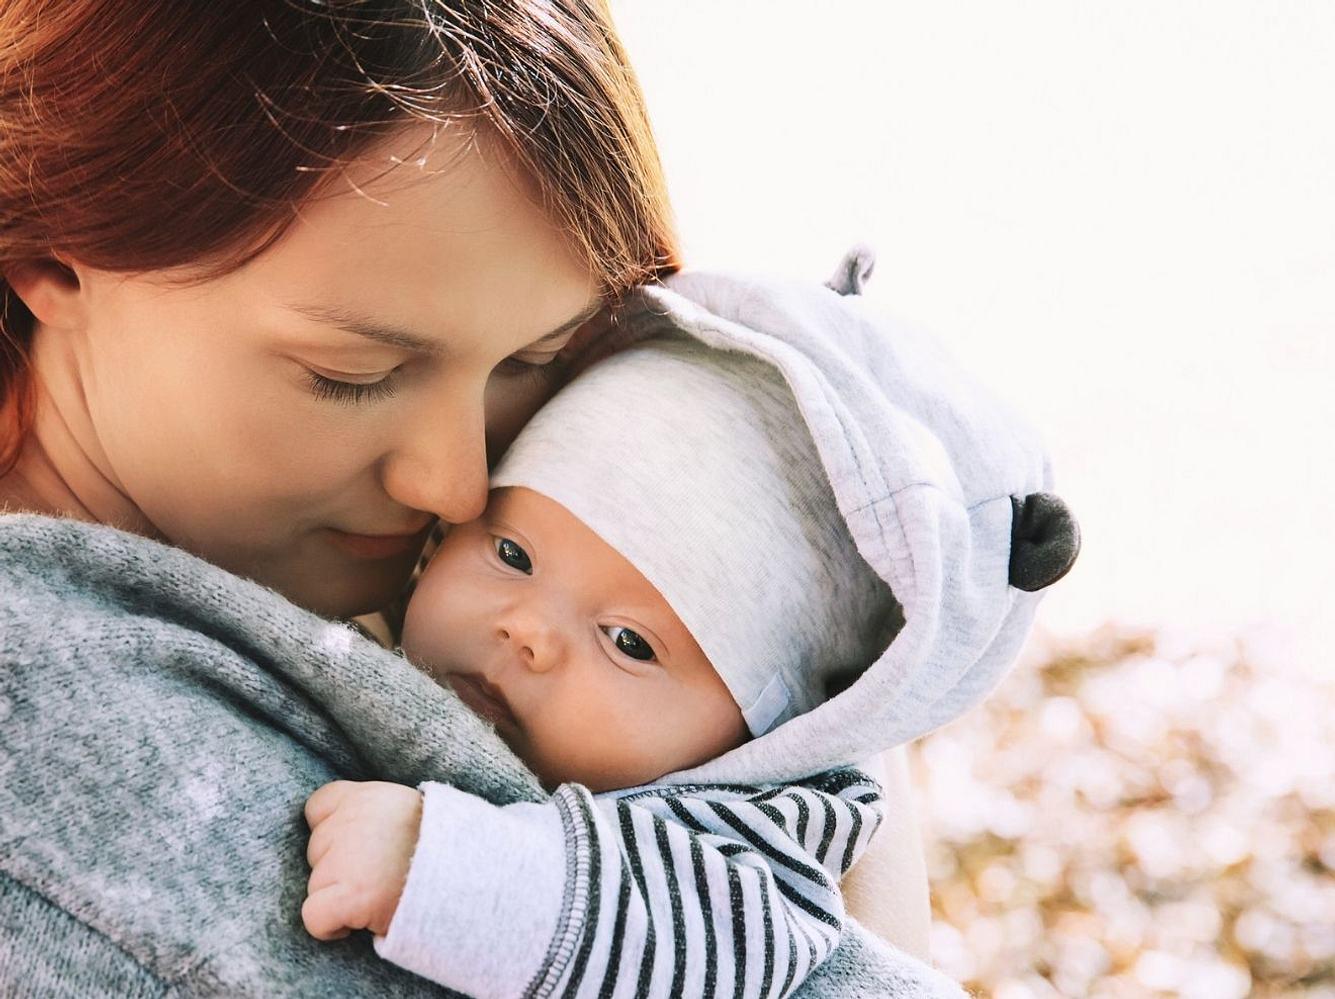 Mama mit Baby auf dem Arm, das mit Mütze und warmen Jäckchen abgebildet ist